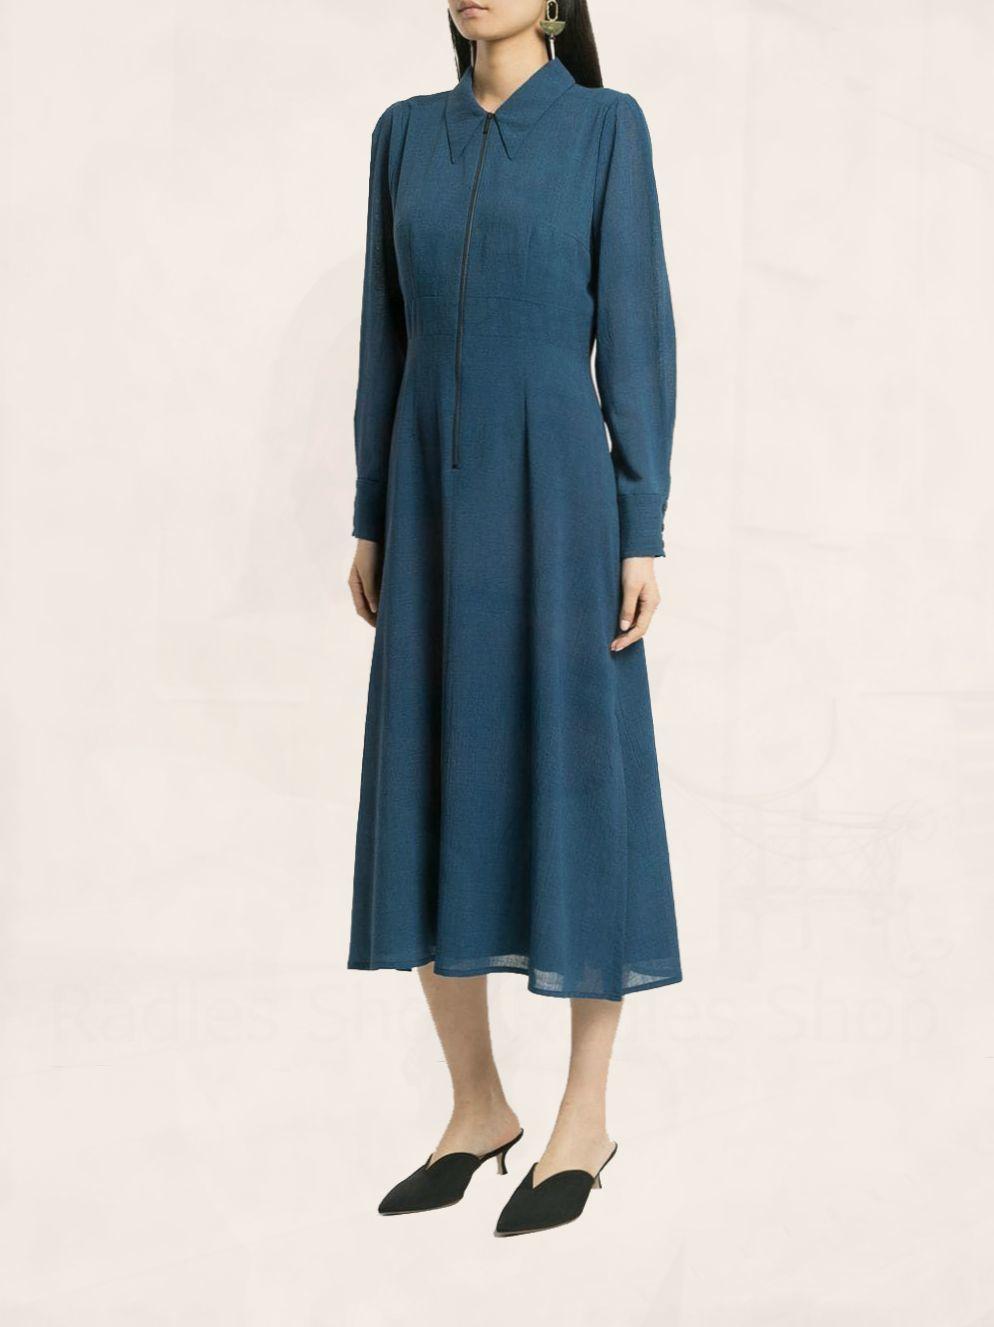 Платья ручной работы. Ярмарка Мастеров - ручная работа. Купить Длинное вечернее платье. Отлично подойдет для работы, или для вечера. Handmade.